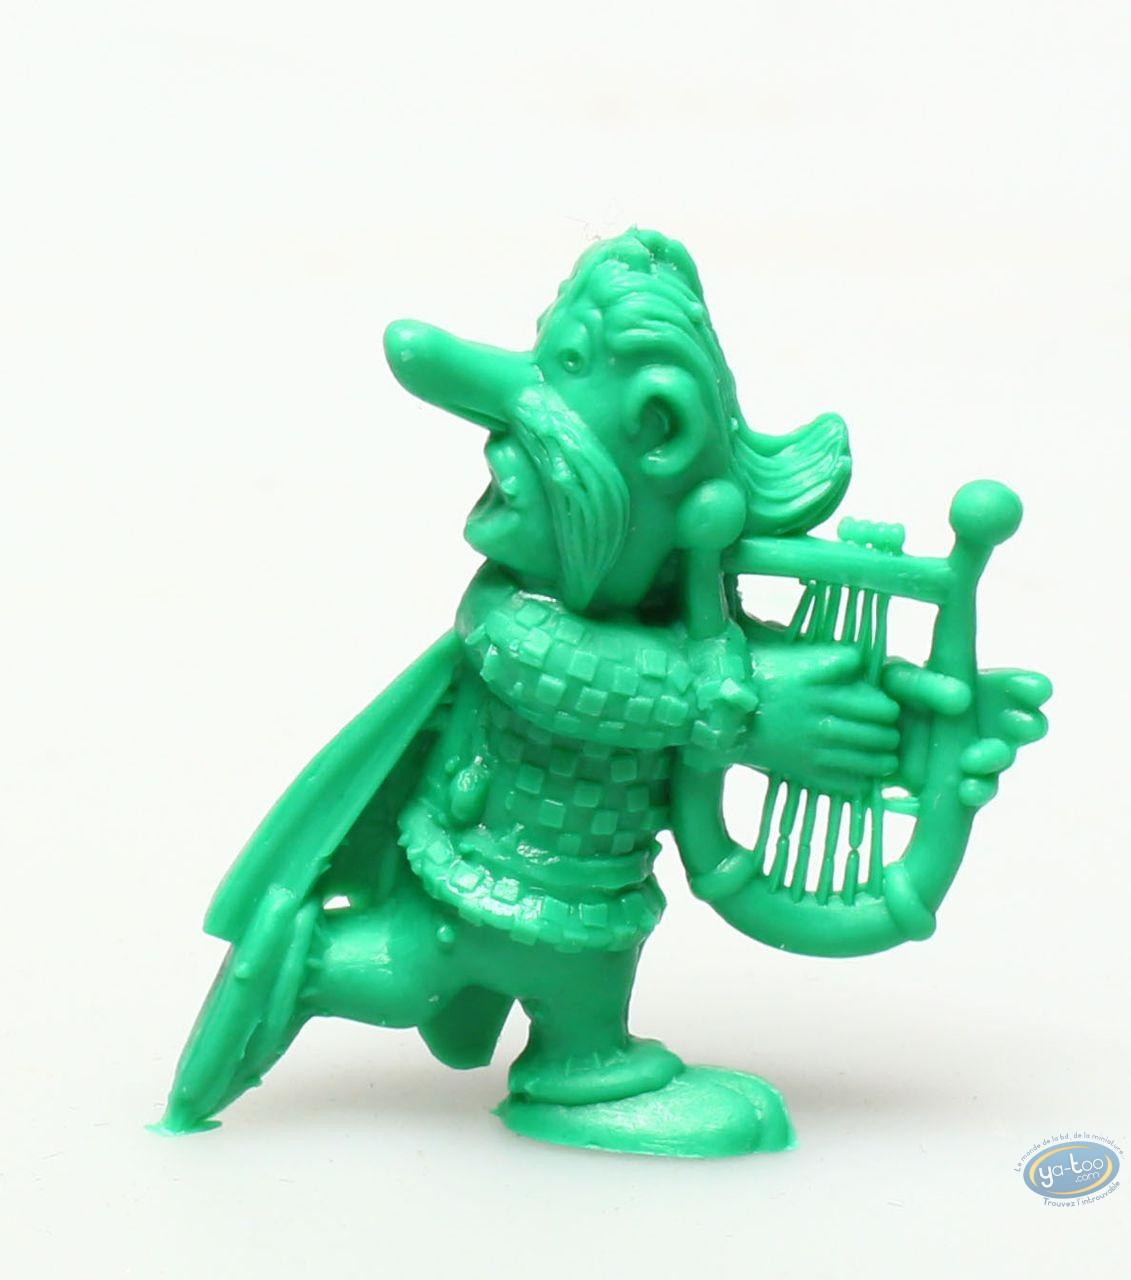 Figurine plastique, Astérix : Mini Assurancetourix jouant de la lyre (vert foncé)